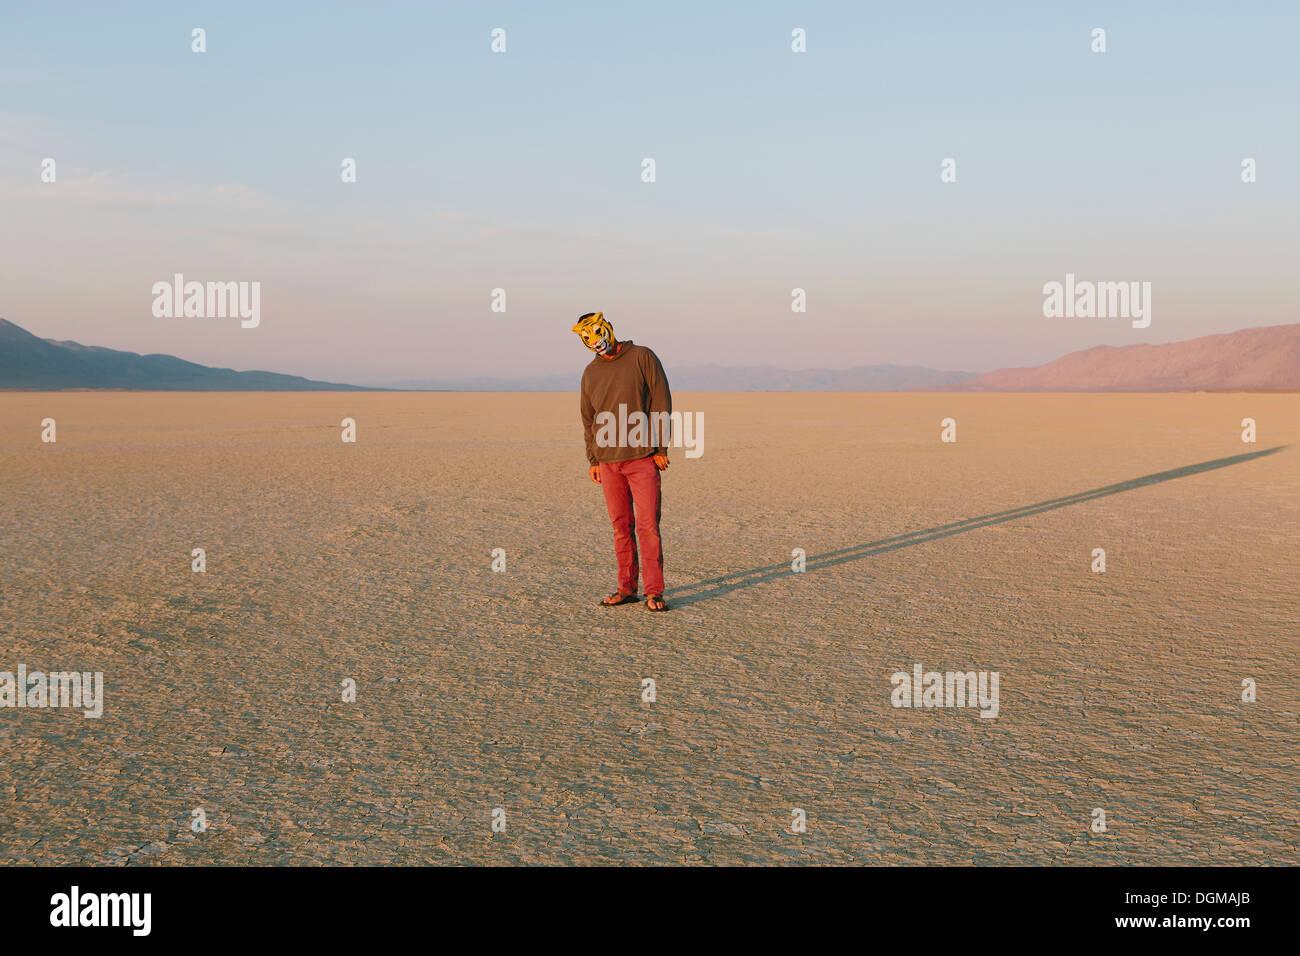 Die Landschaft der Black Rock Desert in Nevada. Ein Mann trägt eine Tiermaske. Wirft einen langen Schatten auf dem Boden. Stockbild